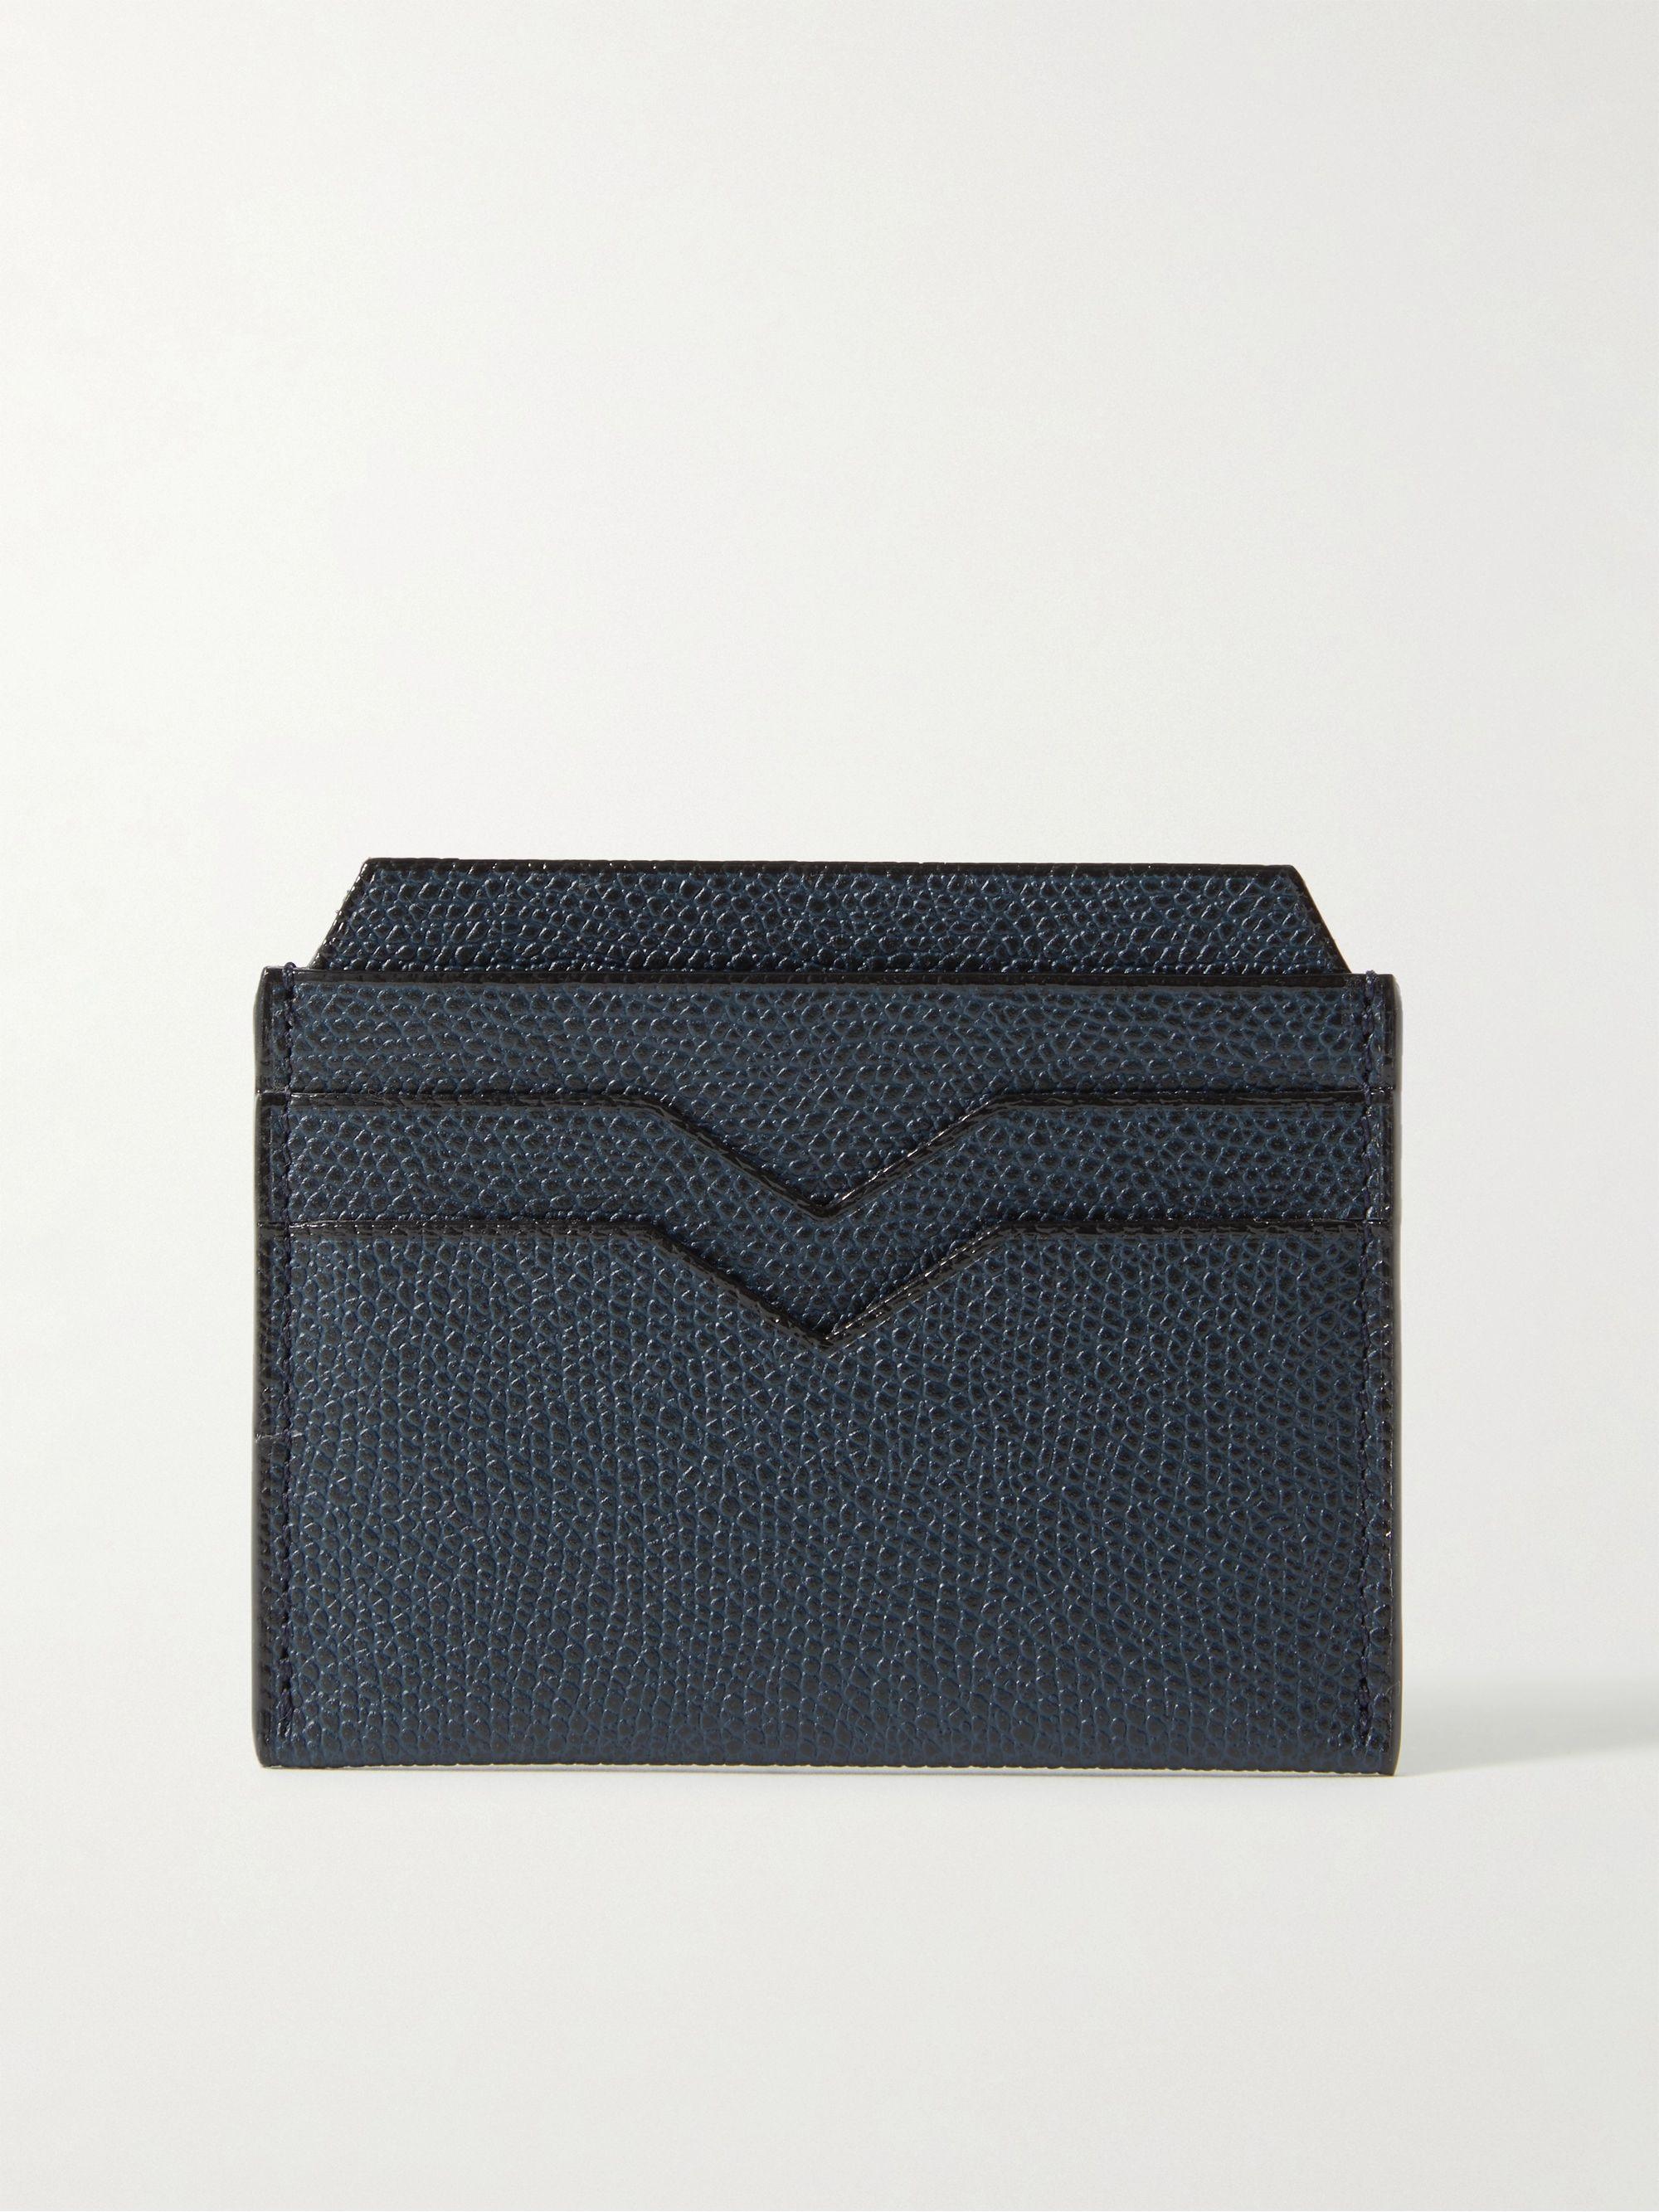 발렉스트라 카드 지갑 VALEXTRA Pebble-Grain Leather Cardholder,Navy